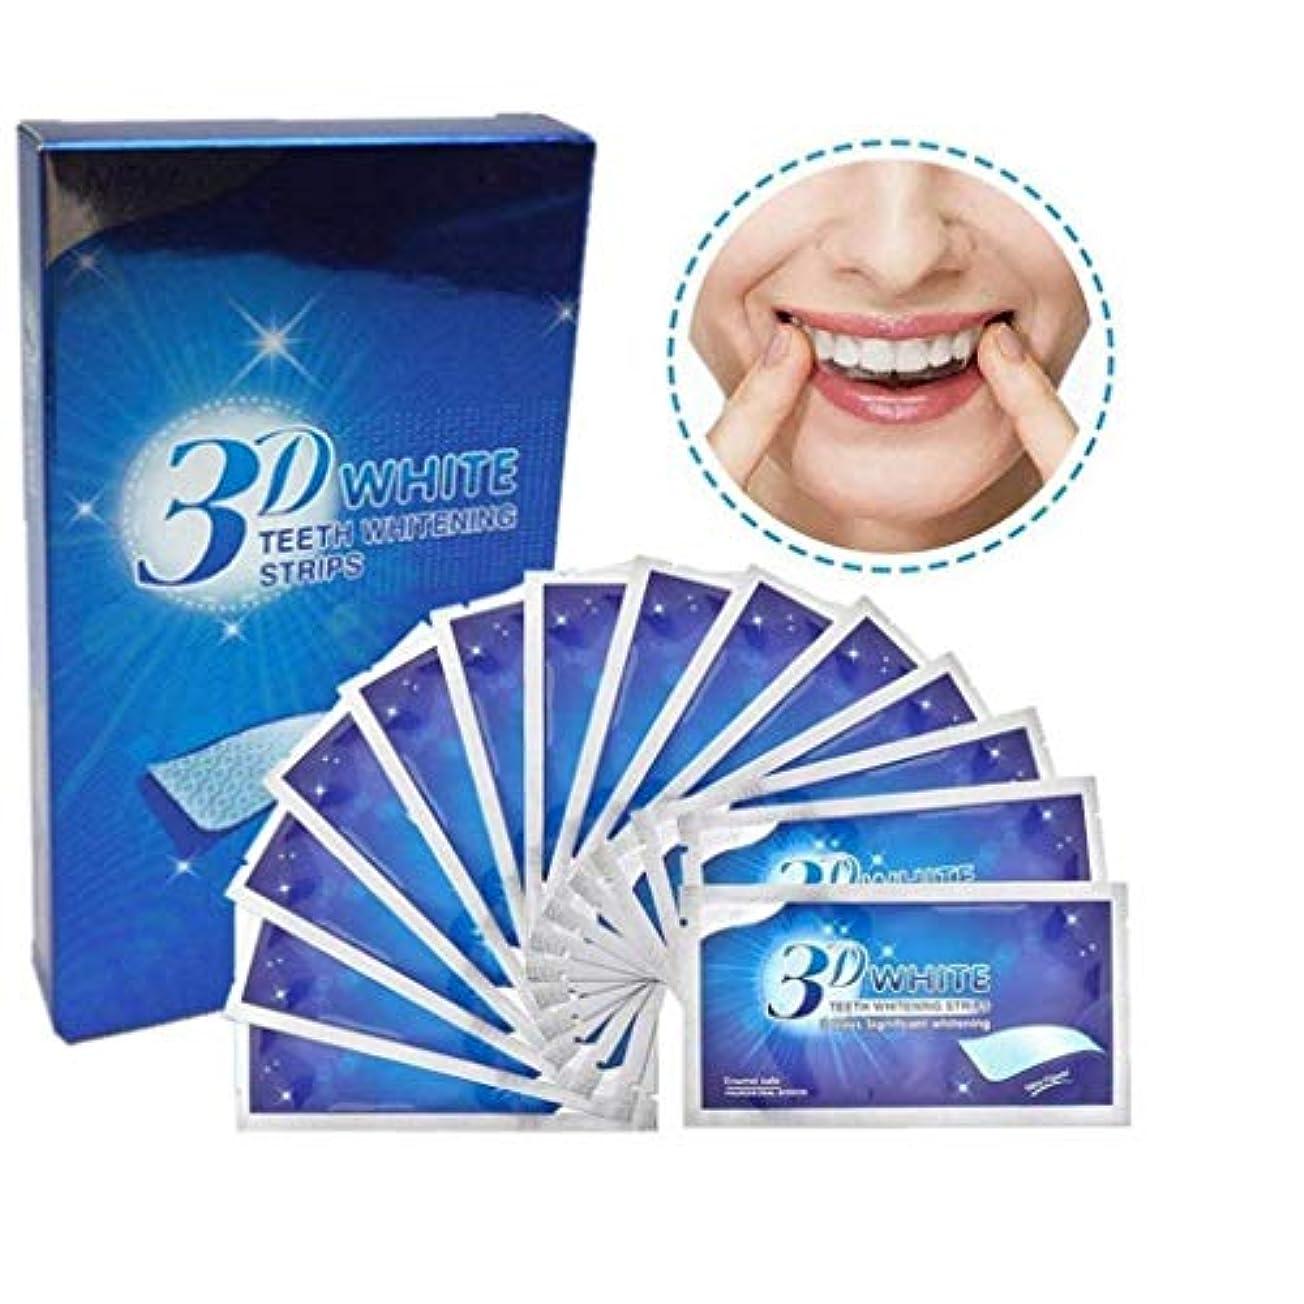 コントロールフリンジ地図歯 美白 ホワイトニング マニキュア 歯ケア 歯のホワイトニング 美白歯磨き 歯を白 ホワイトニングテープ 歯を漂白 14枚